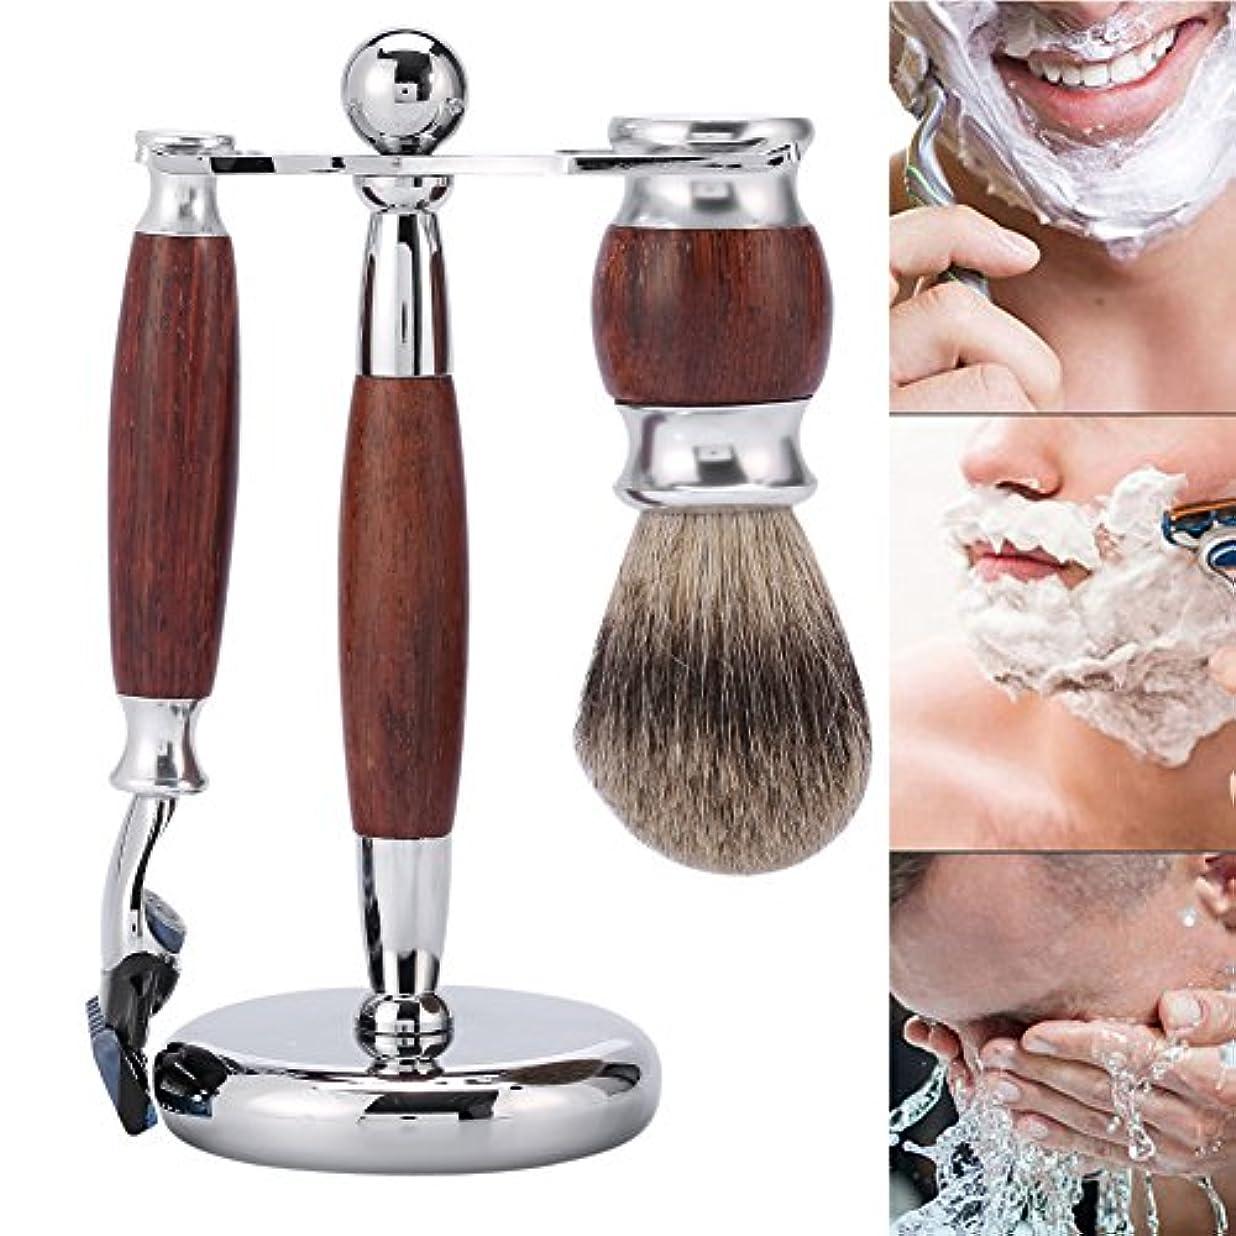 ブロックソーダ水謎めいたプロのひげを剃る、剃刀安全5層かみそり+マホガニーシェービングブラシとシェービングスリーブホルダーを剃ることは男性のための良い贈り物です